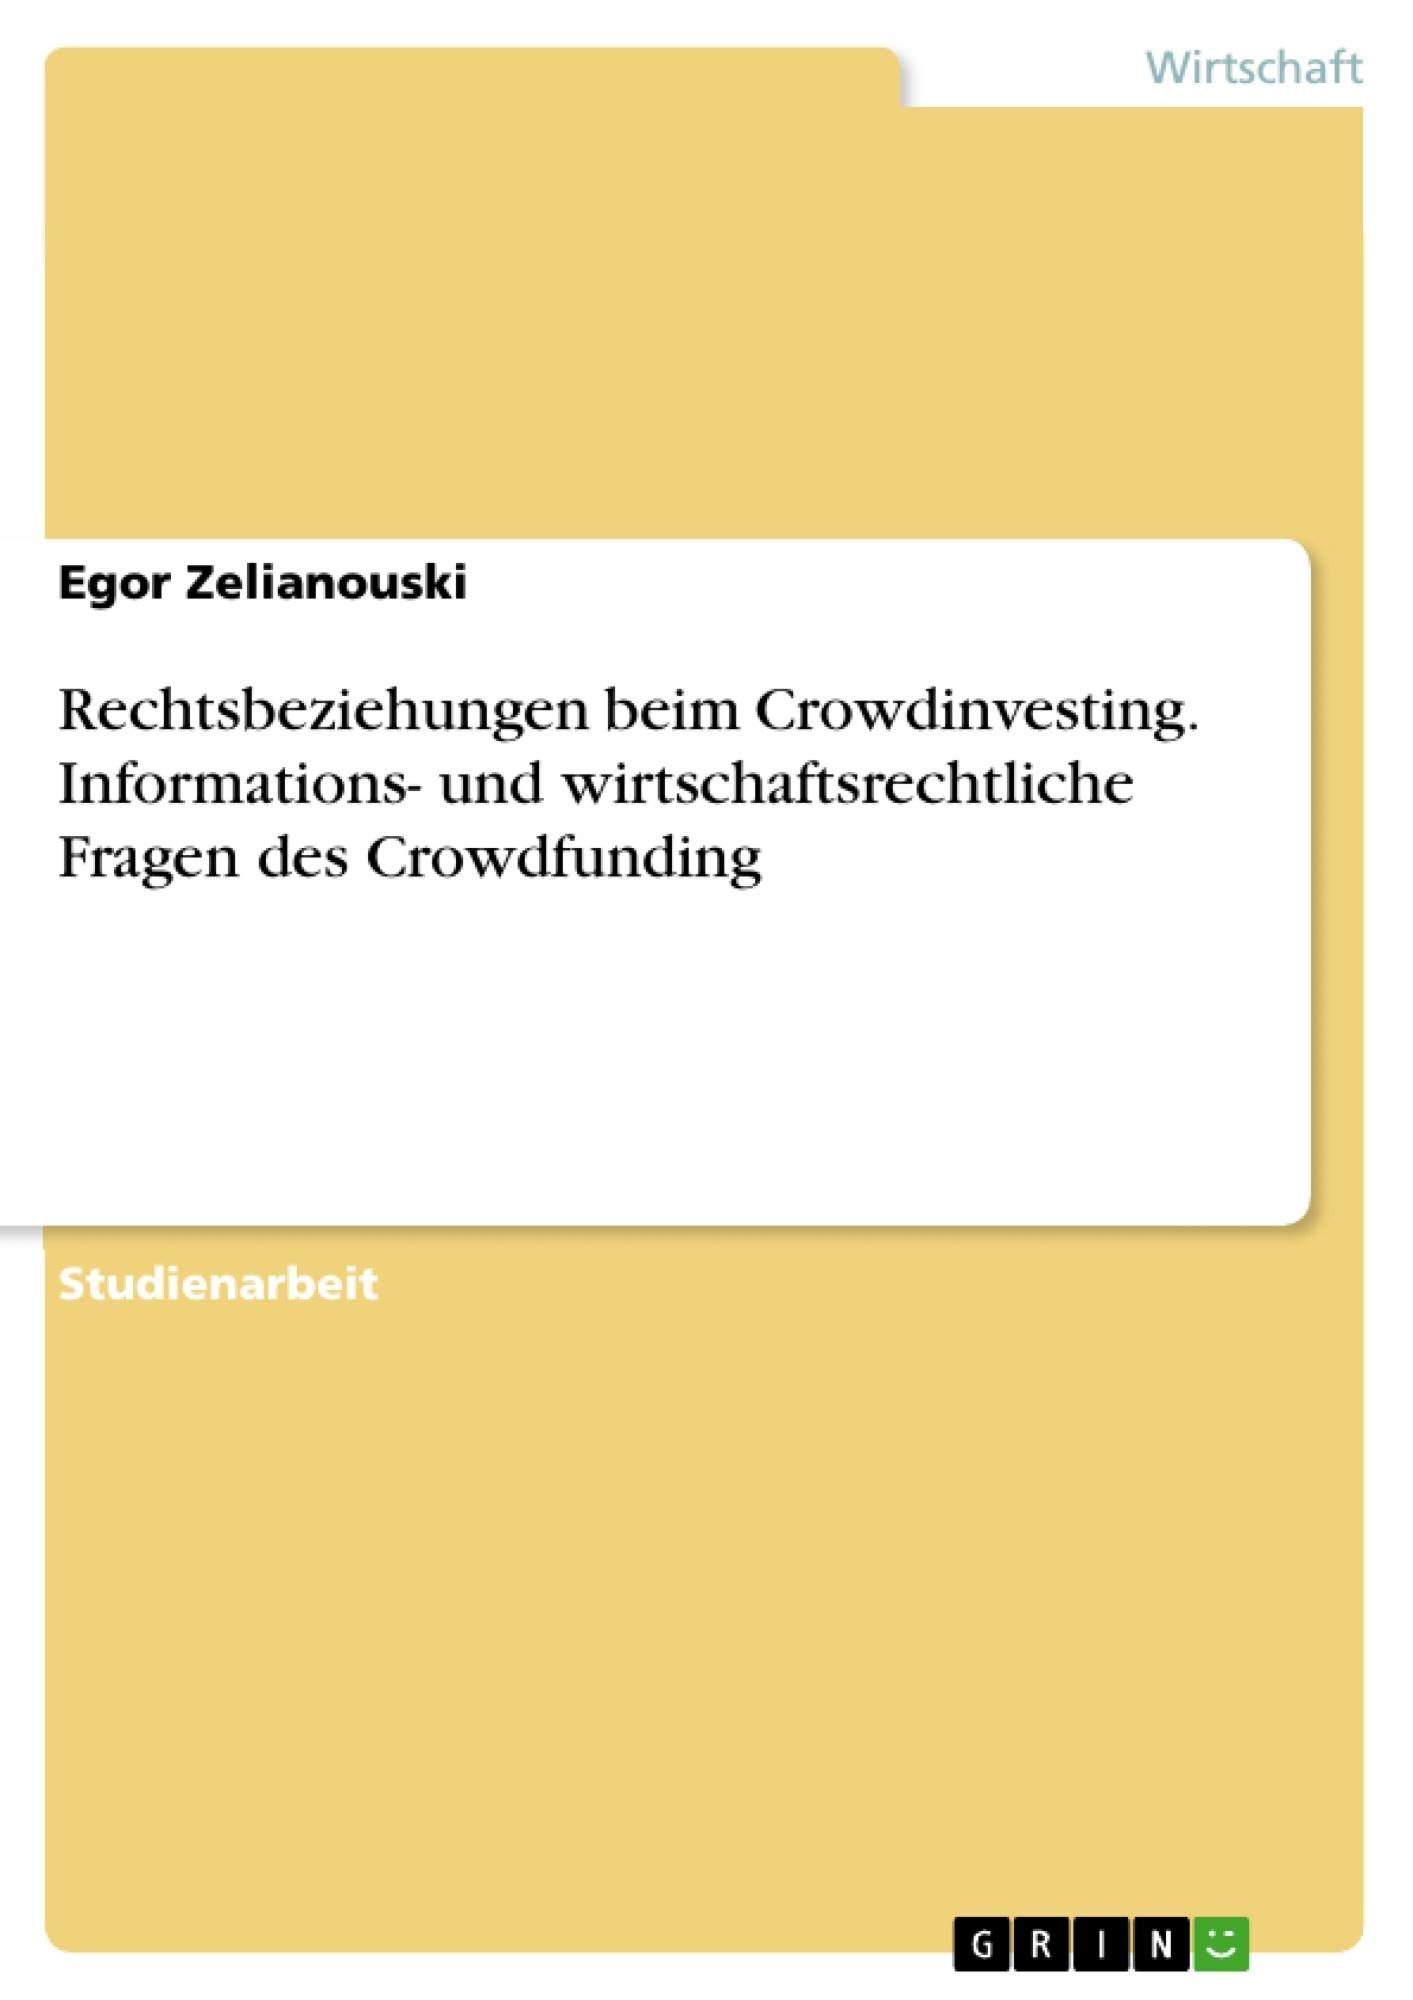 Titel: Rechtsbeziehungen beim Crowdinvesting. Informations- und wirtschaftsrechtliche Fragen des Crowdfunding